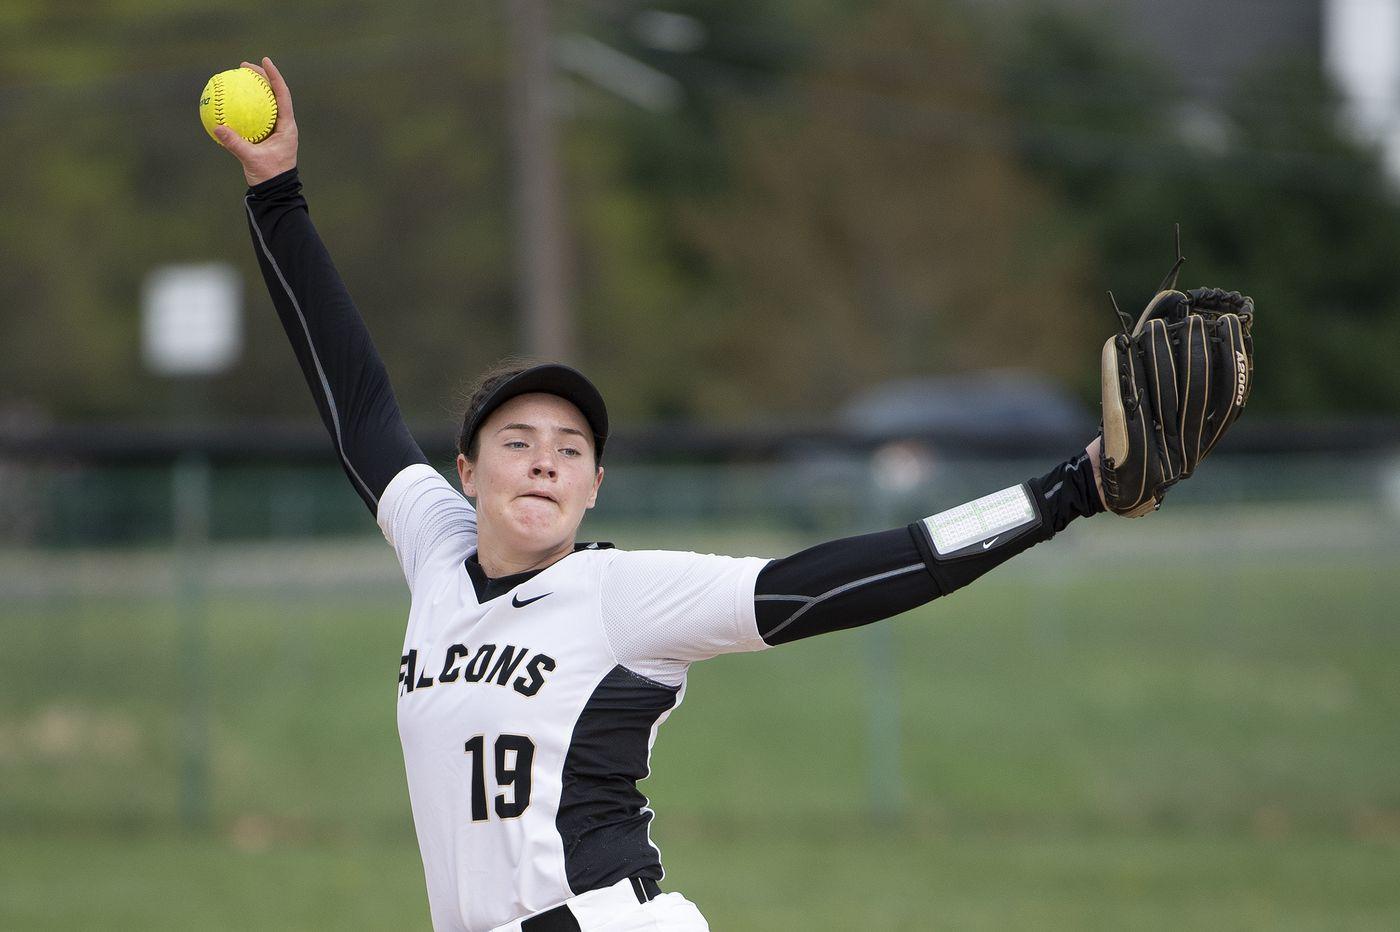 Thursday's South Jersey Roundup: Burlington Township's Bailey Enoch throws no-hitter